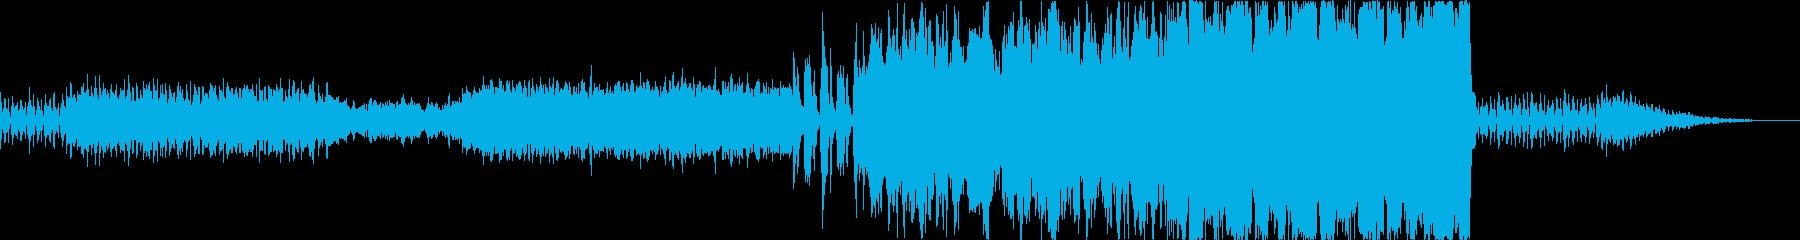 オーケストラ マイナー調の行進曲風の再生済みの波形